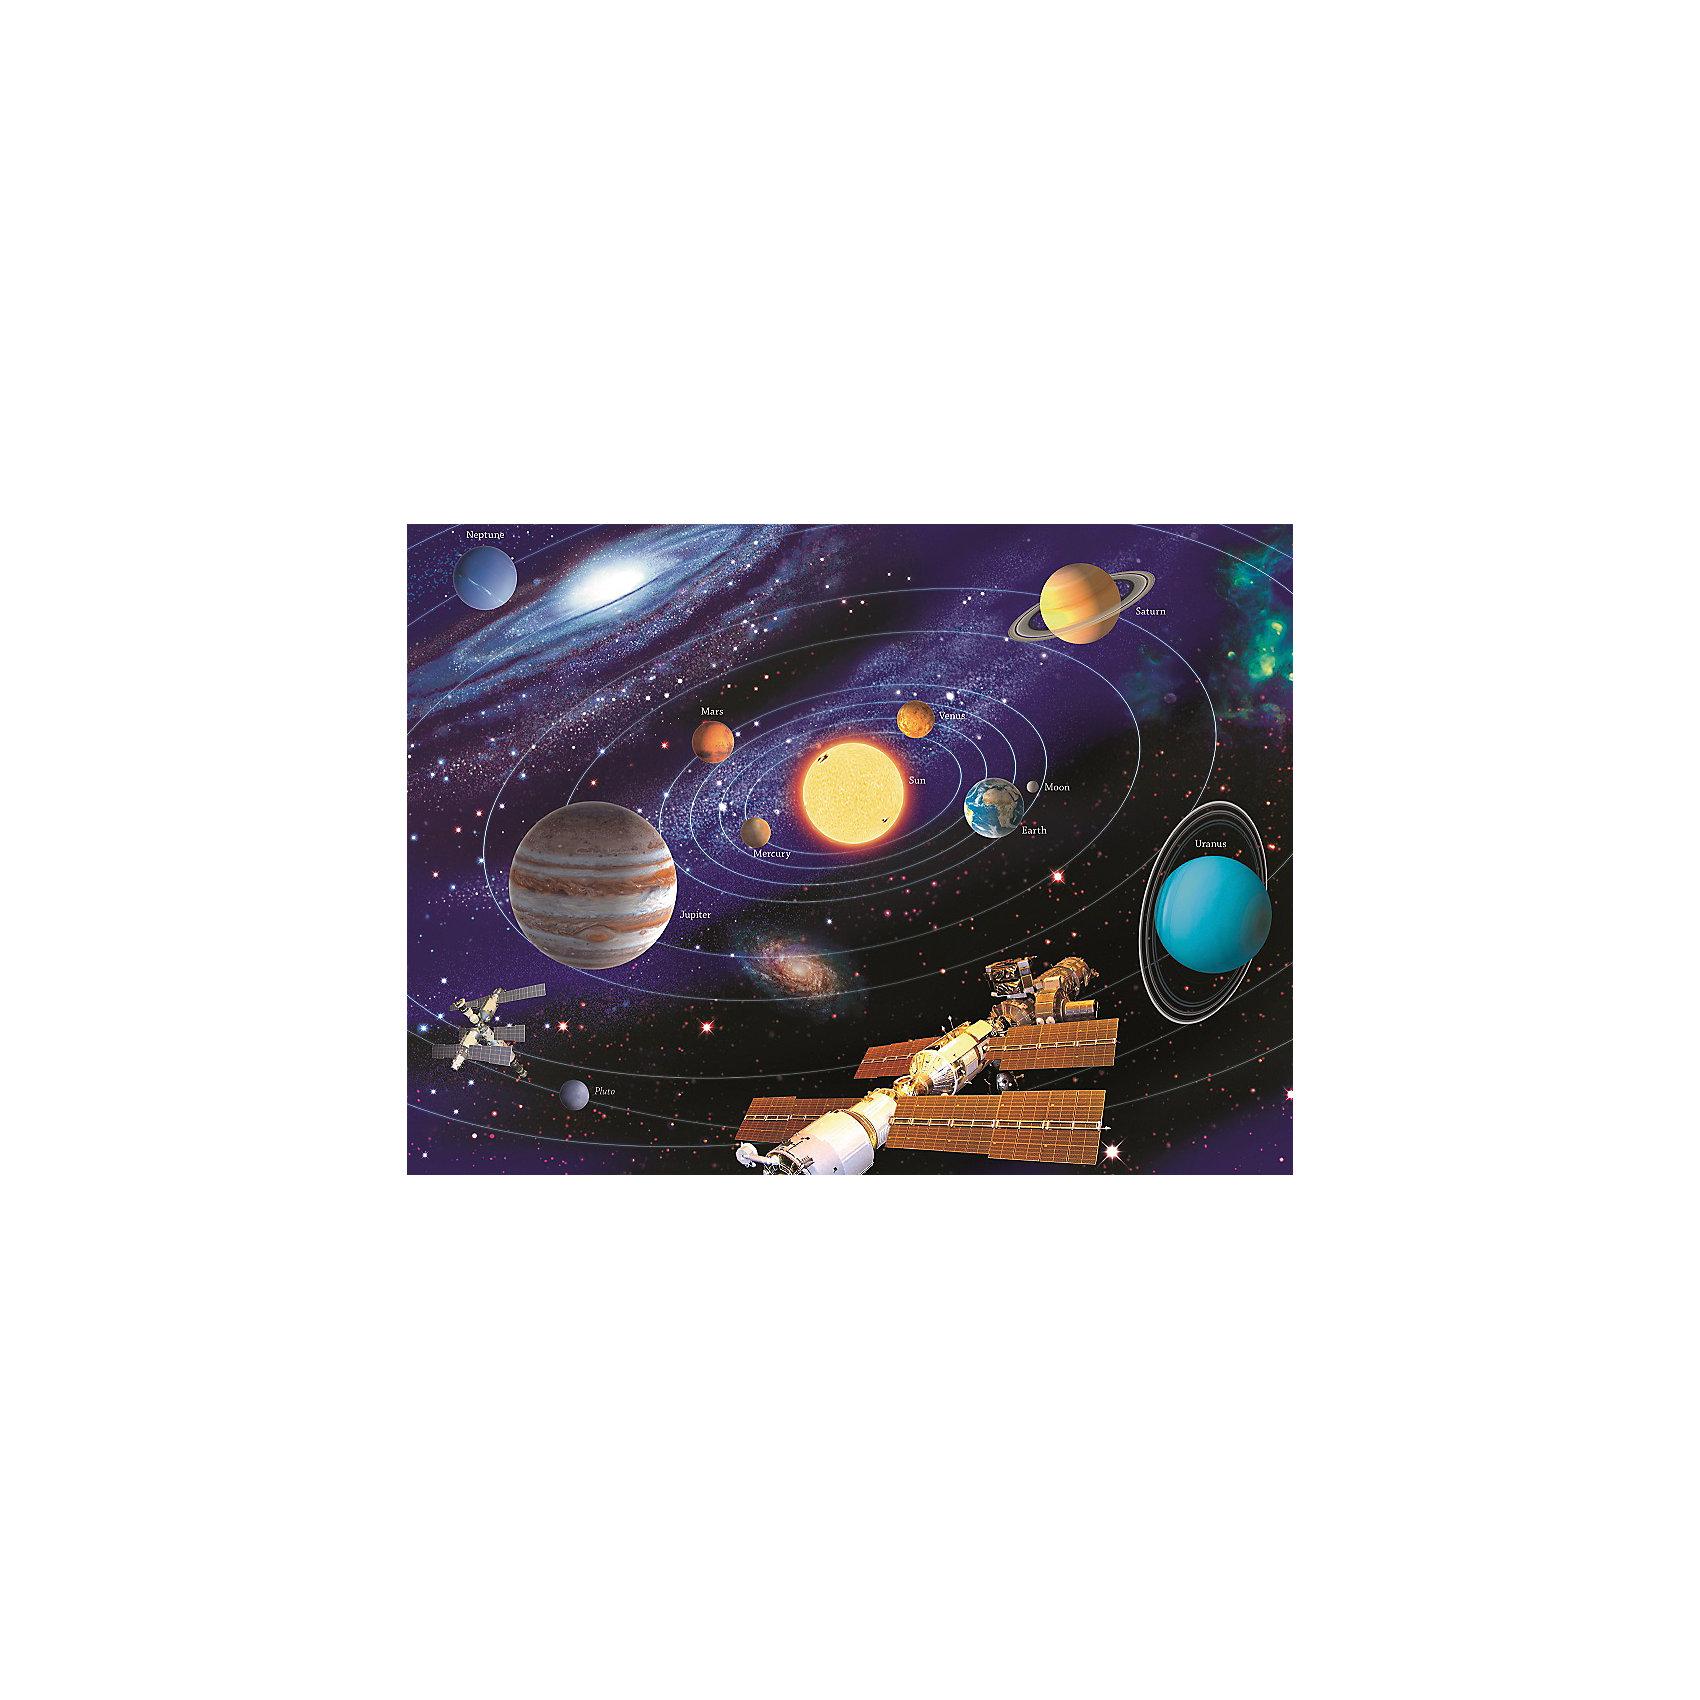 Пазл «Солнечная система» XXL 200 деталей, RavensburgerКлассические пазлы<br>Пазл «Солнечная система» XXL 200 деталей, Ravensburger (Равенсбургер) – яркий детский пазл, который понравится всем членам семьи.<br>Сюжет пазла «Солнечная система» предлагает нам взглянуть на мир космоса немного ближе, здесь и Земля, и Юпитер, и Луна и Солнце и даже МКС! Вот он холодный, но дико красивый космос, который пленяет и завораживает. Пазл состоит из 200 качественных картонных деталей, которые не ломаются, не подвергаются деформации при сборке. Каждая деталь имеет свою форму и подходит только на свое место. Элементы пазла идеально соединяются друг с другом, не отслаиваются с течением времени. Матовая поверхность исключает отблески. Пазлы Ravensburger (Равенсбургер)- это высочайшее качество картона и полиграфии. Пазлы - замечательная развивающая игра для детей. Собирание пазла развивает у ребенка мелкую моторику рук, тренирует наблюдательность, логическое мышление, знакомит с окружающим миром, с цветом и разнообразными формами, учит усидчивости и терпению, аккуратности и вниманию.<br><br>Дополнительная информация:<br><br>- Количество деталей: 200 шт.<br>- Размер картинки: 49 х 36 см.<br>- Материал: картон<br>- Размер упаковки: 34 х 23 х 4 см.<br>- Вес: 571 гр.<br><br>Пазл «Солнечная система» XXL 200 деталей, Ravensburger (Равенсбургер) можно купить в нашем интернет-магазине.<br><br>Ширина мм: 340<br>Глубина мм: 230<br>Высота мм: 40<br>Вес г: 571<br>Возраст от месяцев: 96<br>Возраст до месяцев: 168<br>Пол: Унисекс<br>Возраст: Детский<br>Количество деталей: 200<br>SKU: 4214567